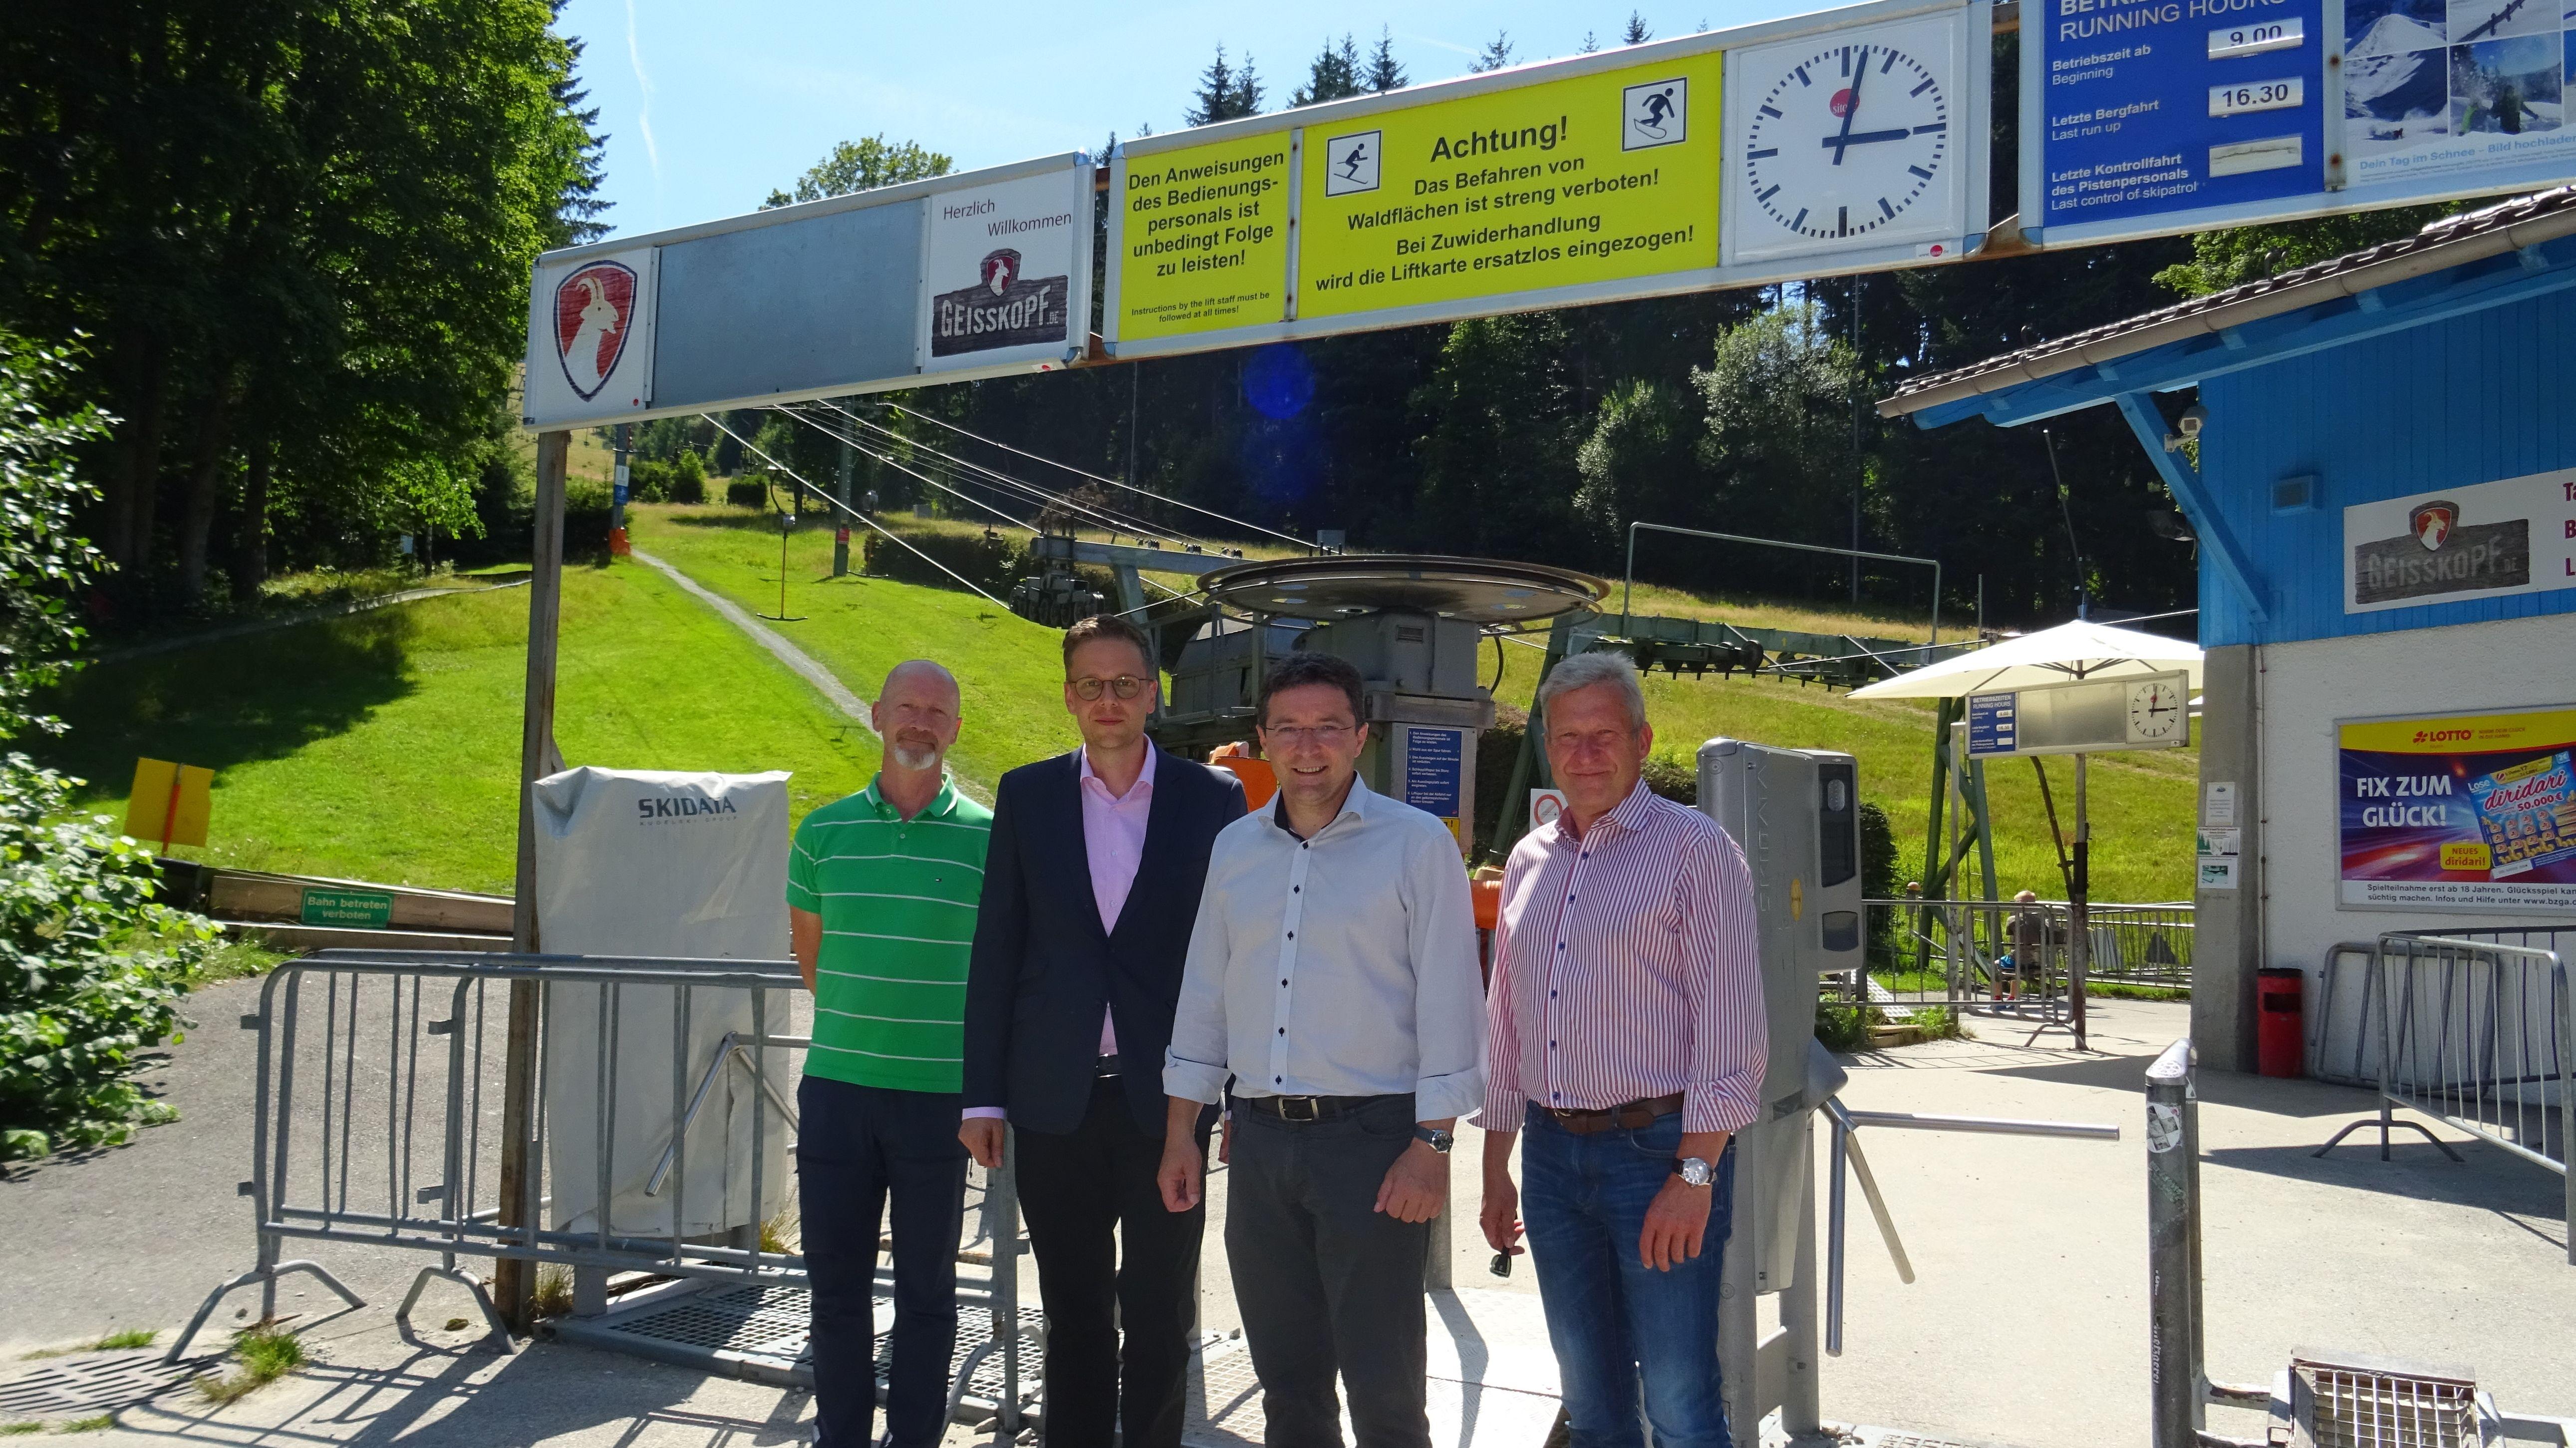 Die Verantwortlichen der Geißkopfbahn zusammen mit dem Landtagsabgeordneten Max Gibis